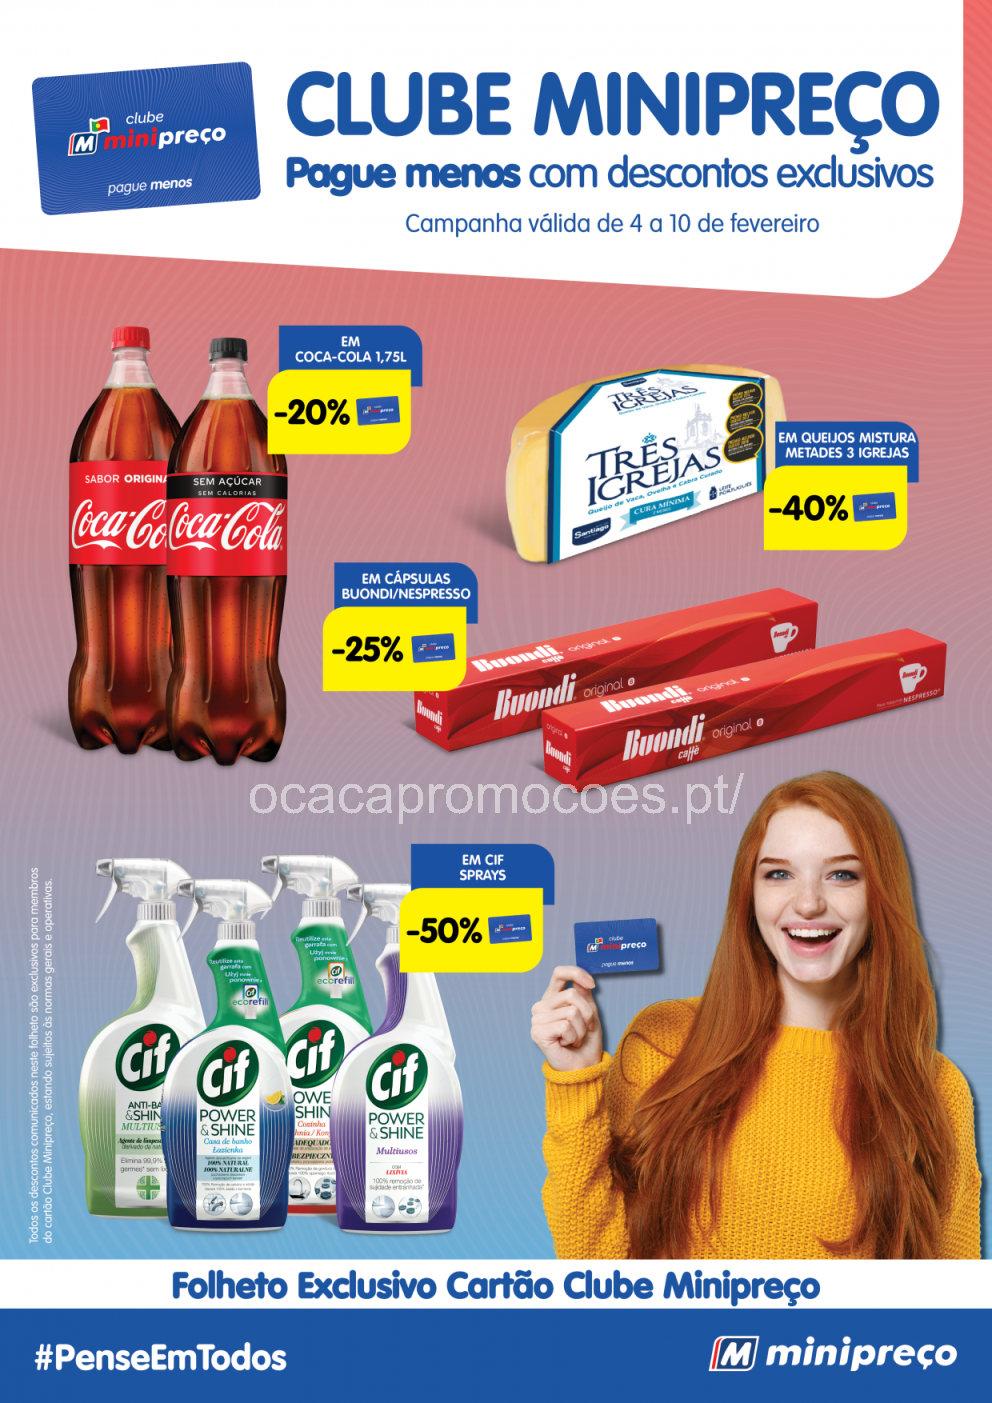 minipreco folheto clube Page1